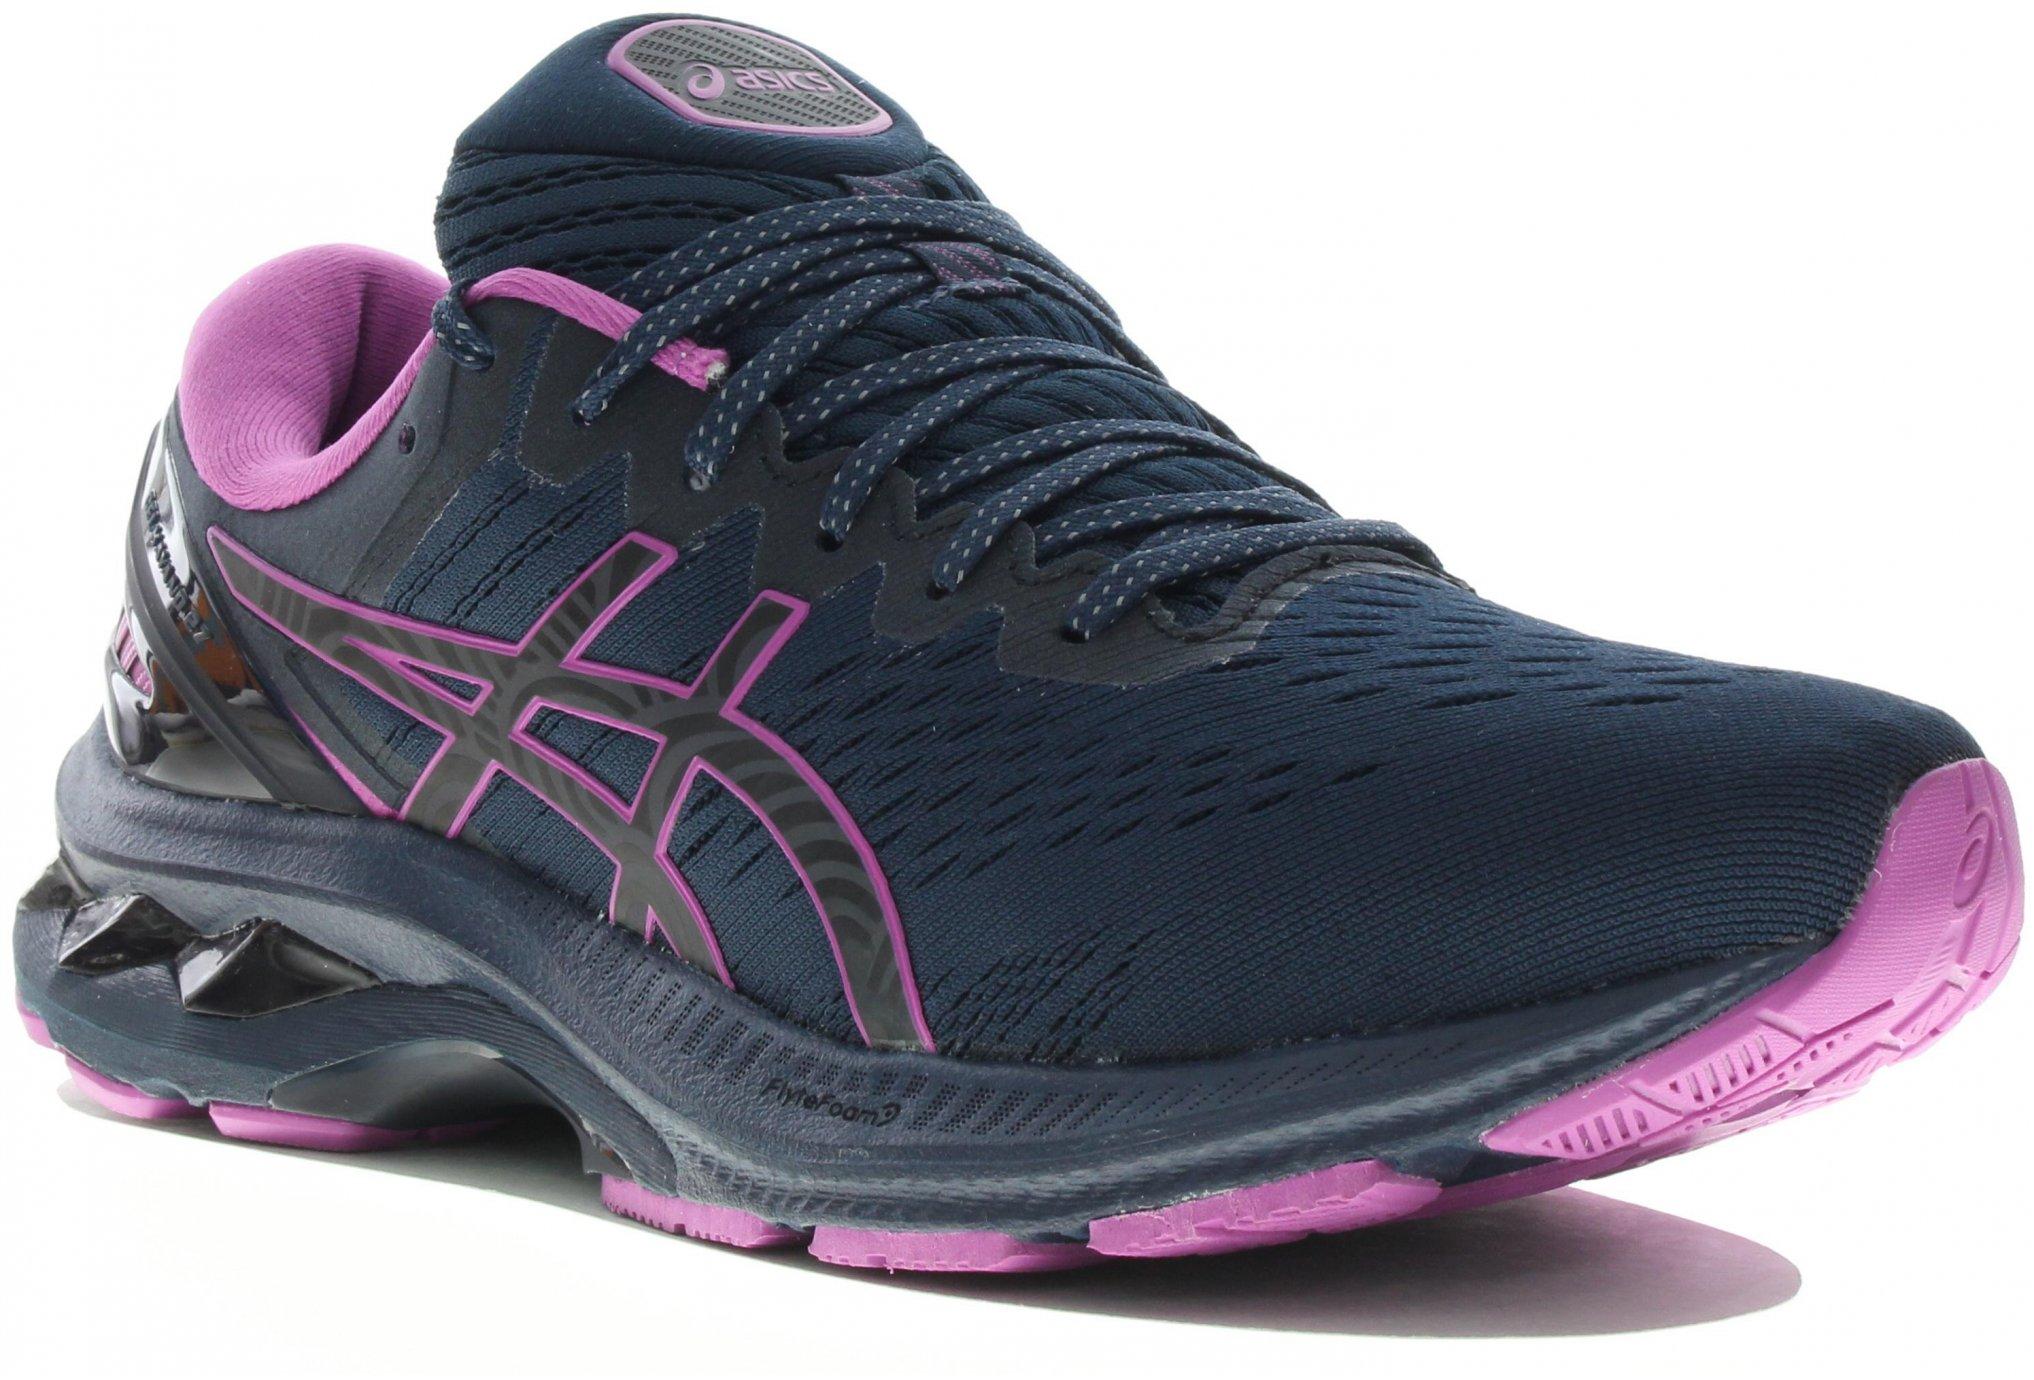 Asics Gel-Kayano 27 Expert W Chaussures running femme